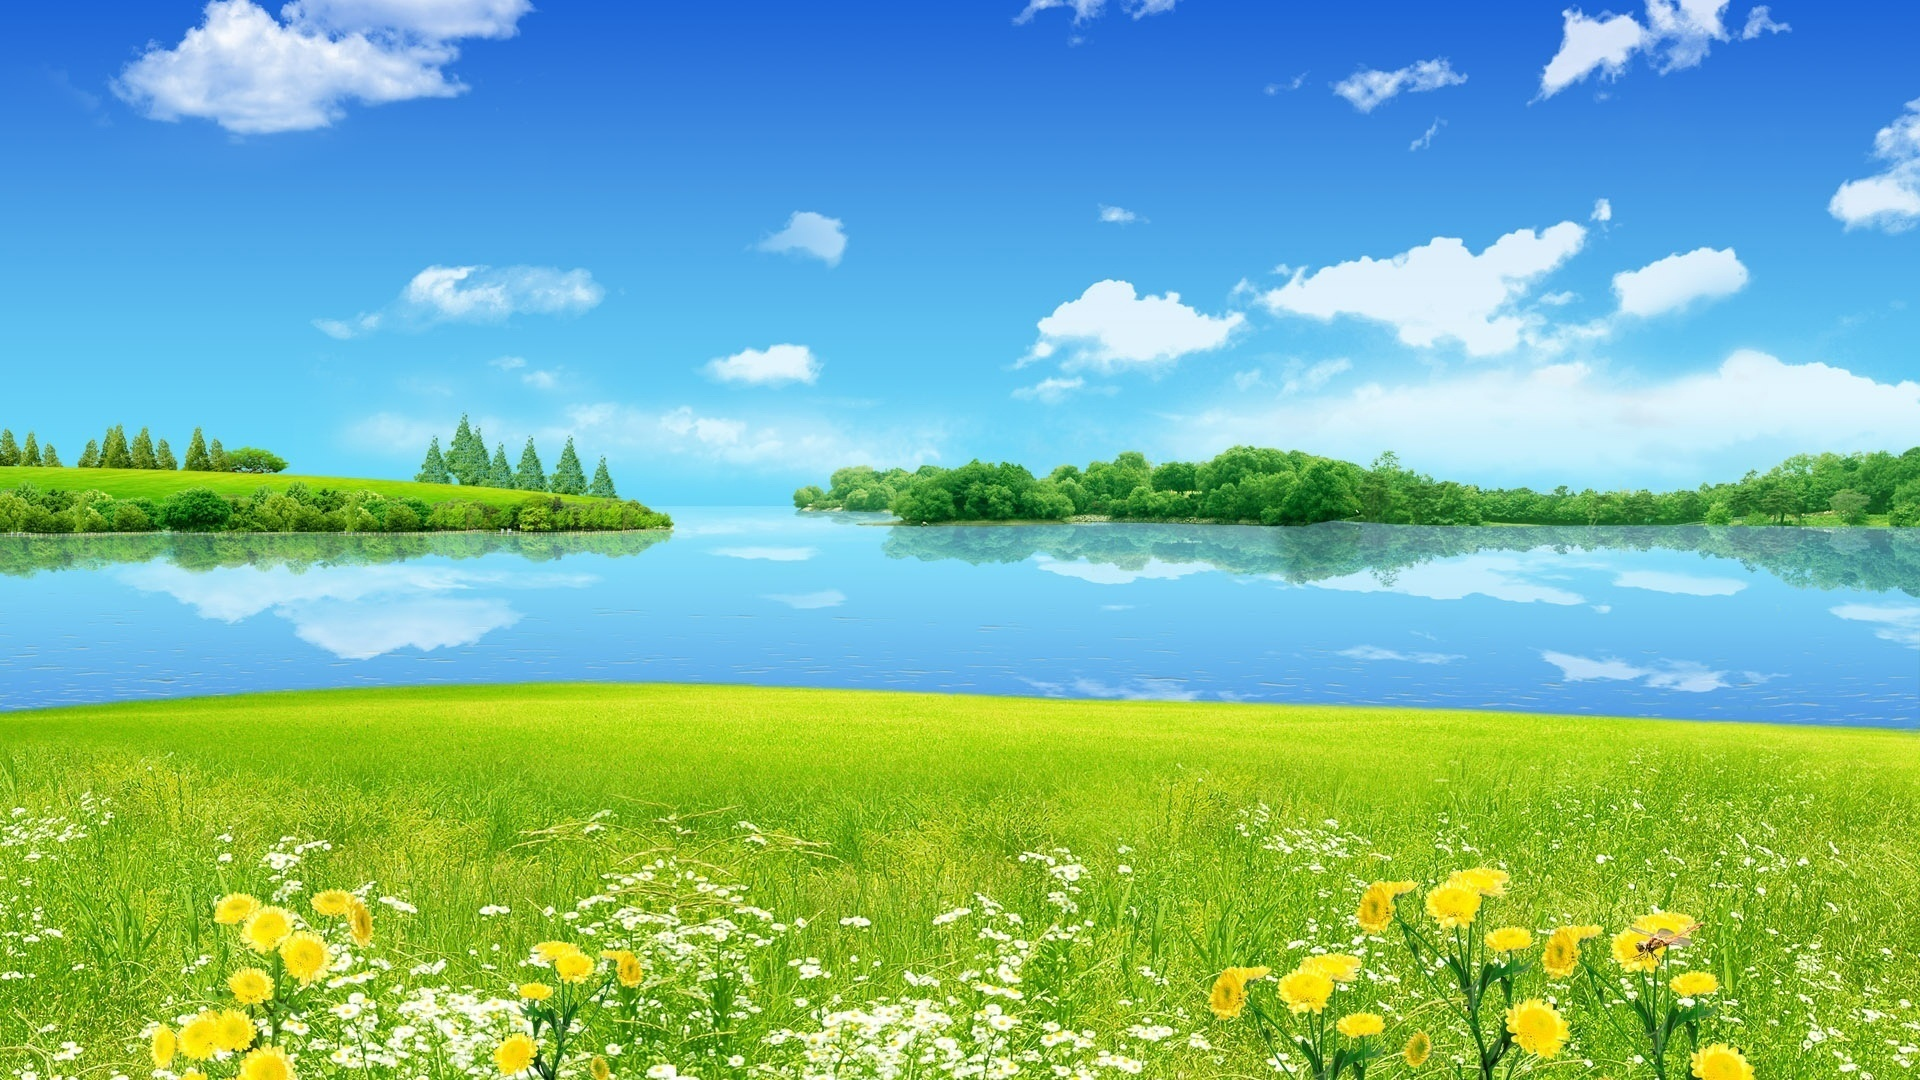 Cute Summer Wallpaper 19201080 23806 HD Wallpaper Res 1920x1080 1920x1080